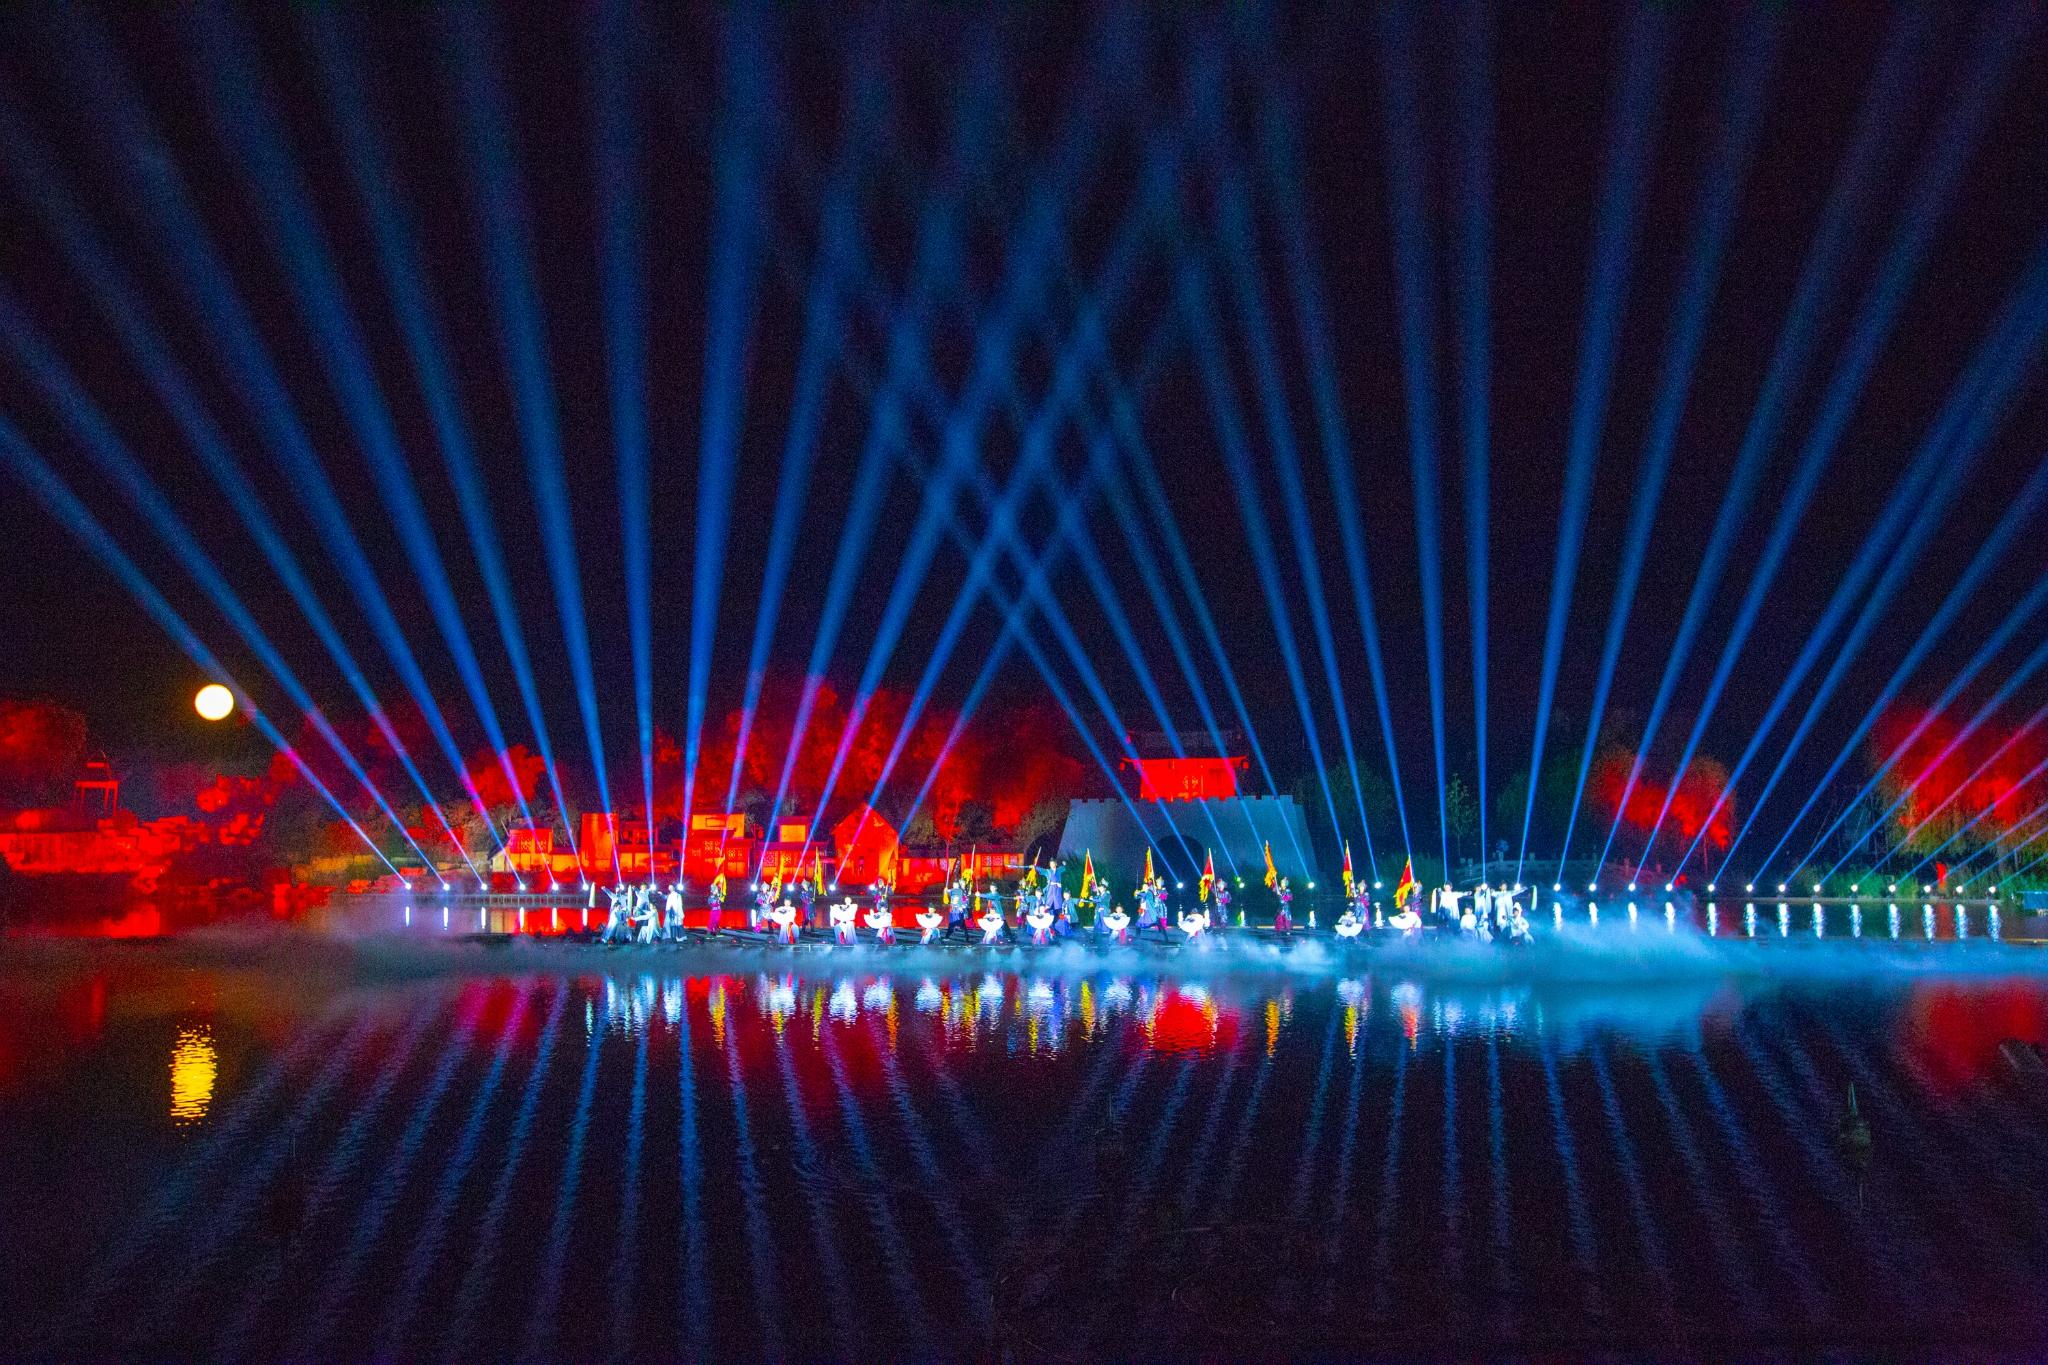 菏泽最大牡丹园,开放大型水上实景演出,13项活动陪你消夏